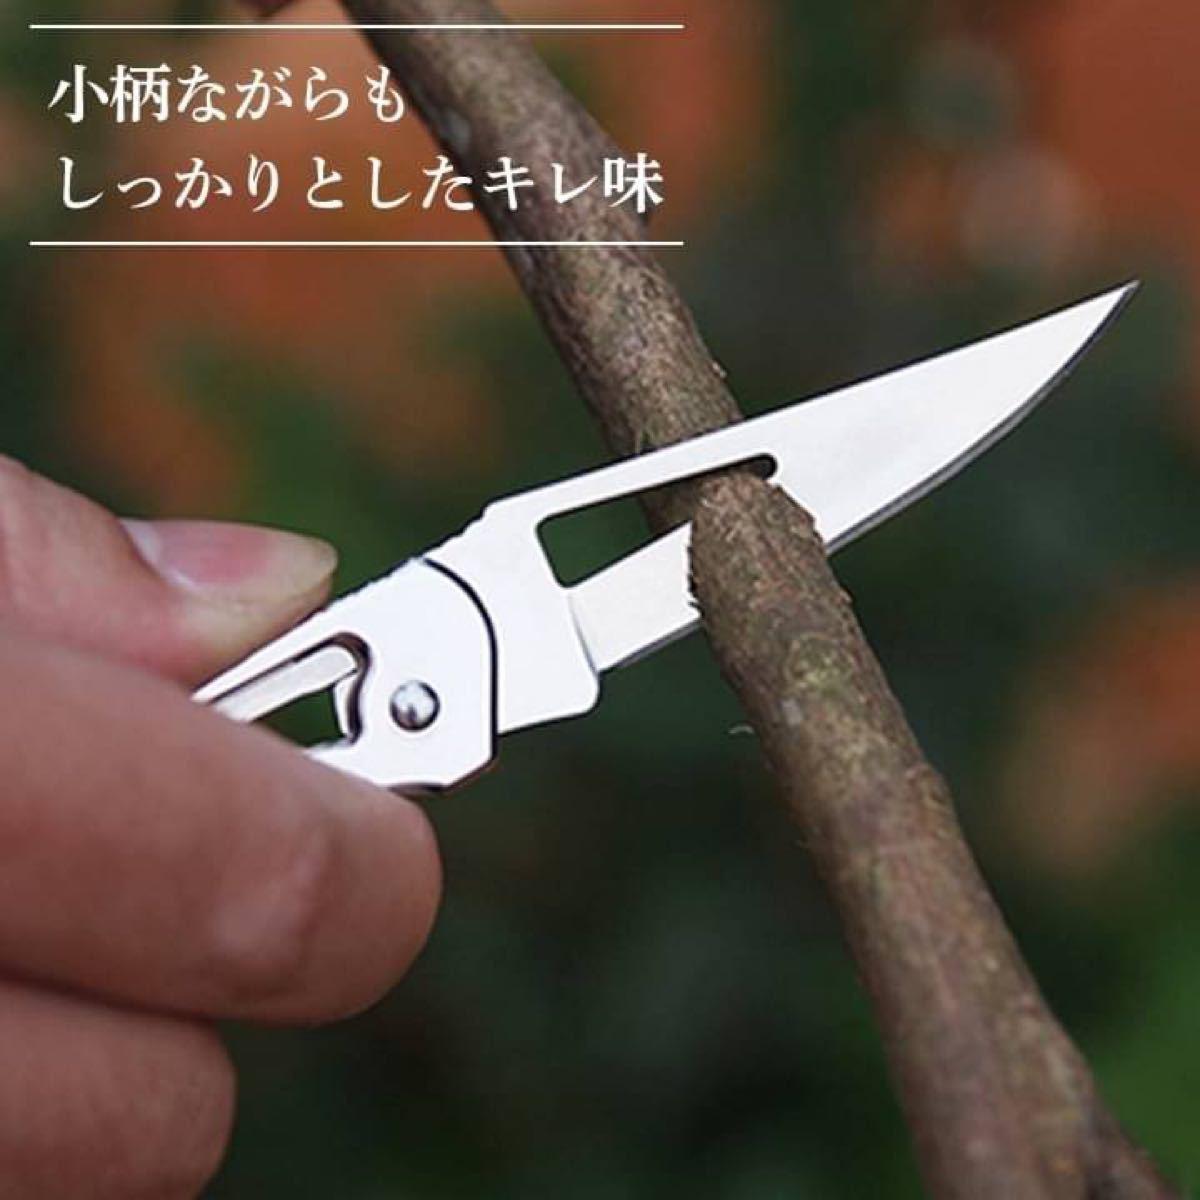 【アウトドアに最適】カラビナ折りたたみナイフ・銀色 釣り キャンプ サバイバル